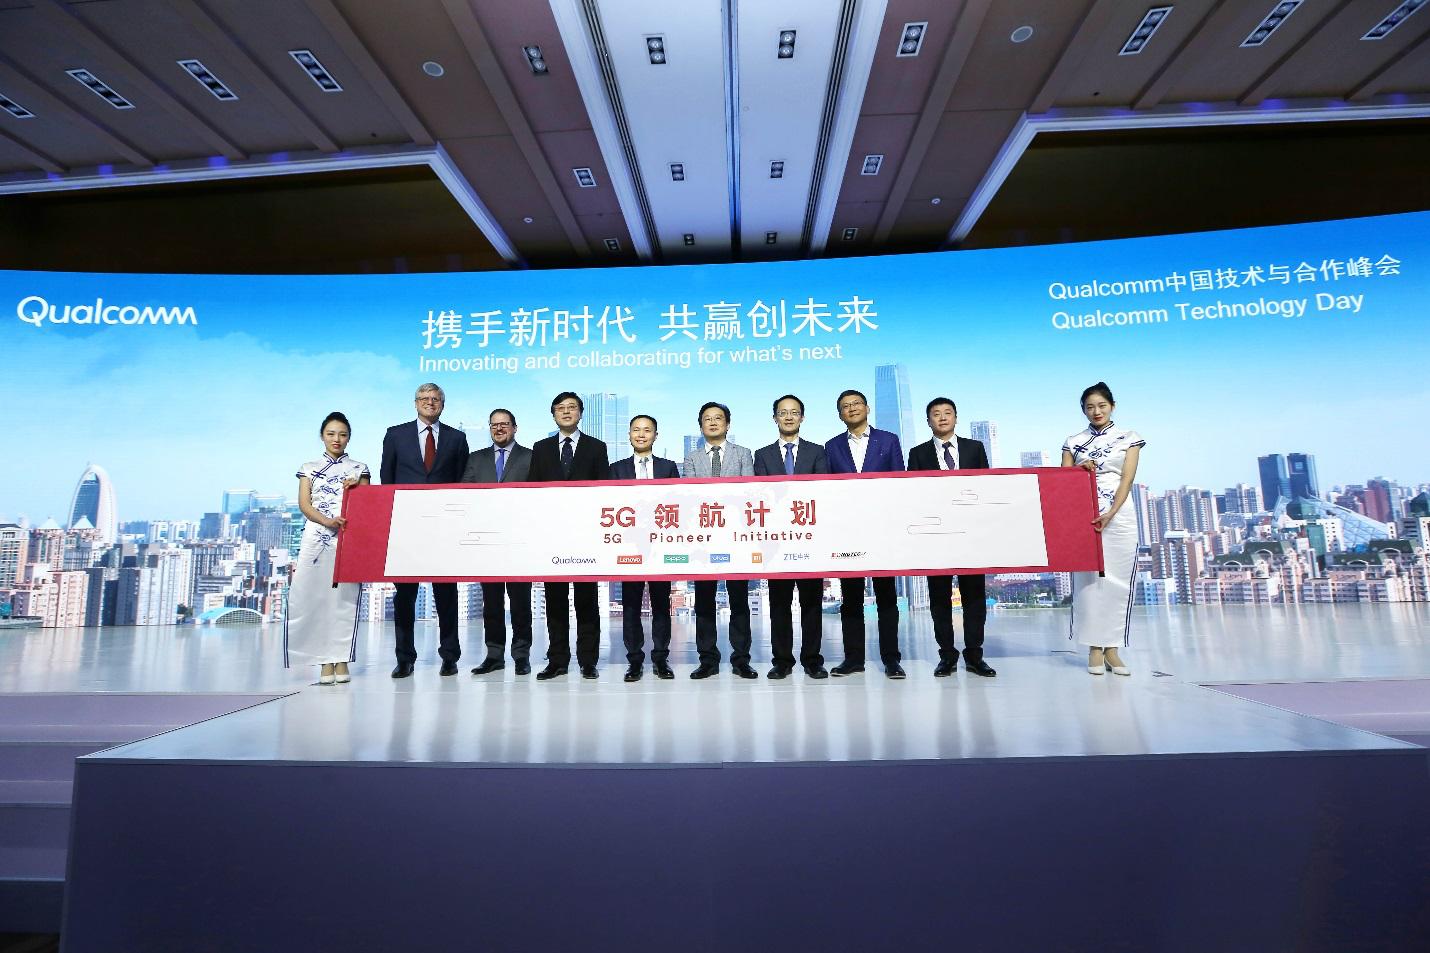 高通與領先的中國廠商共同宣布5G領航計劃